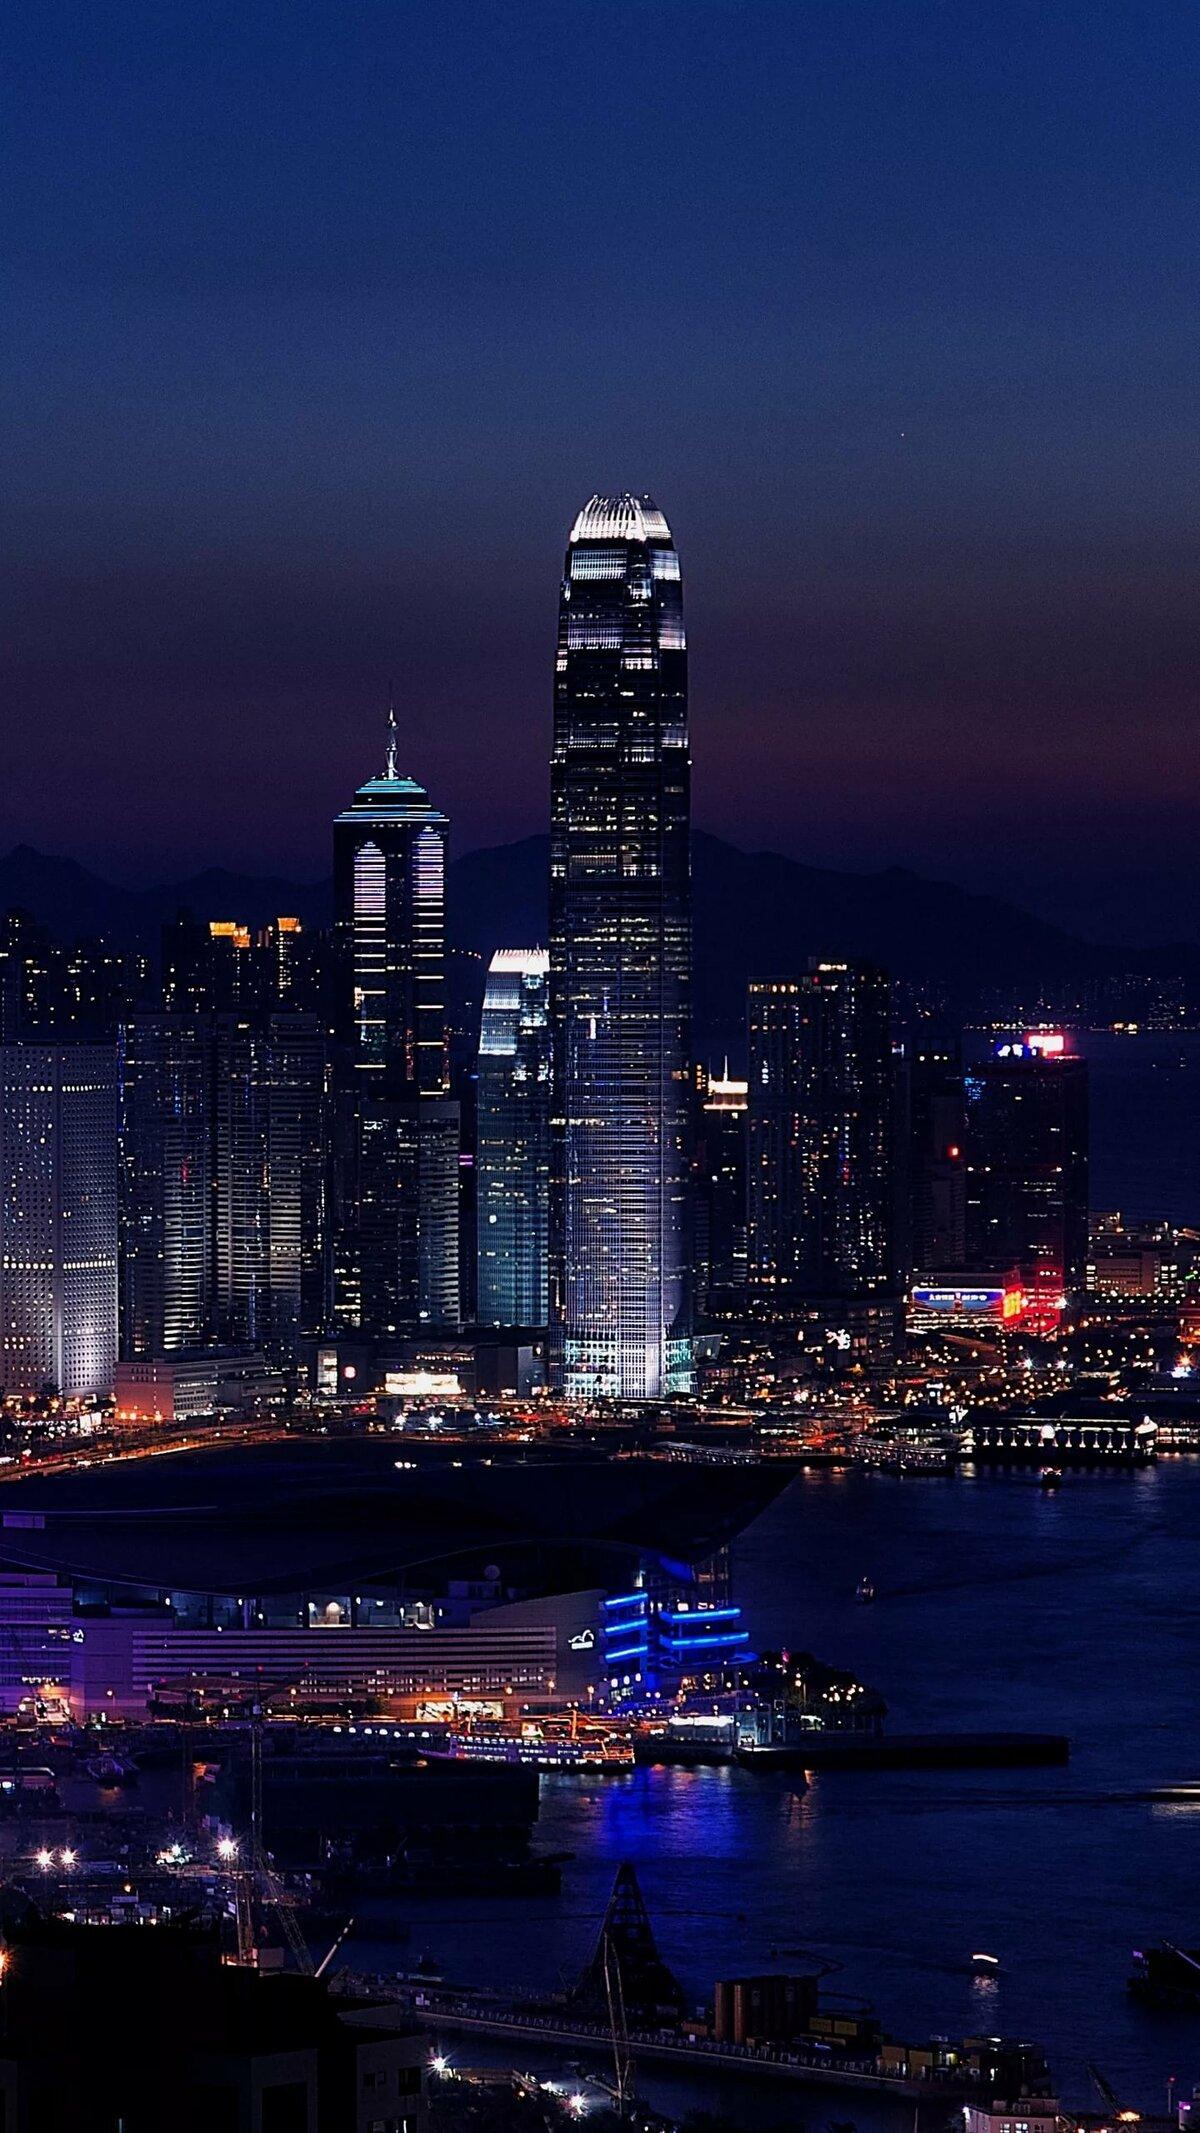 этот ночной город картинки красивые вертикальные открытку